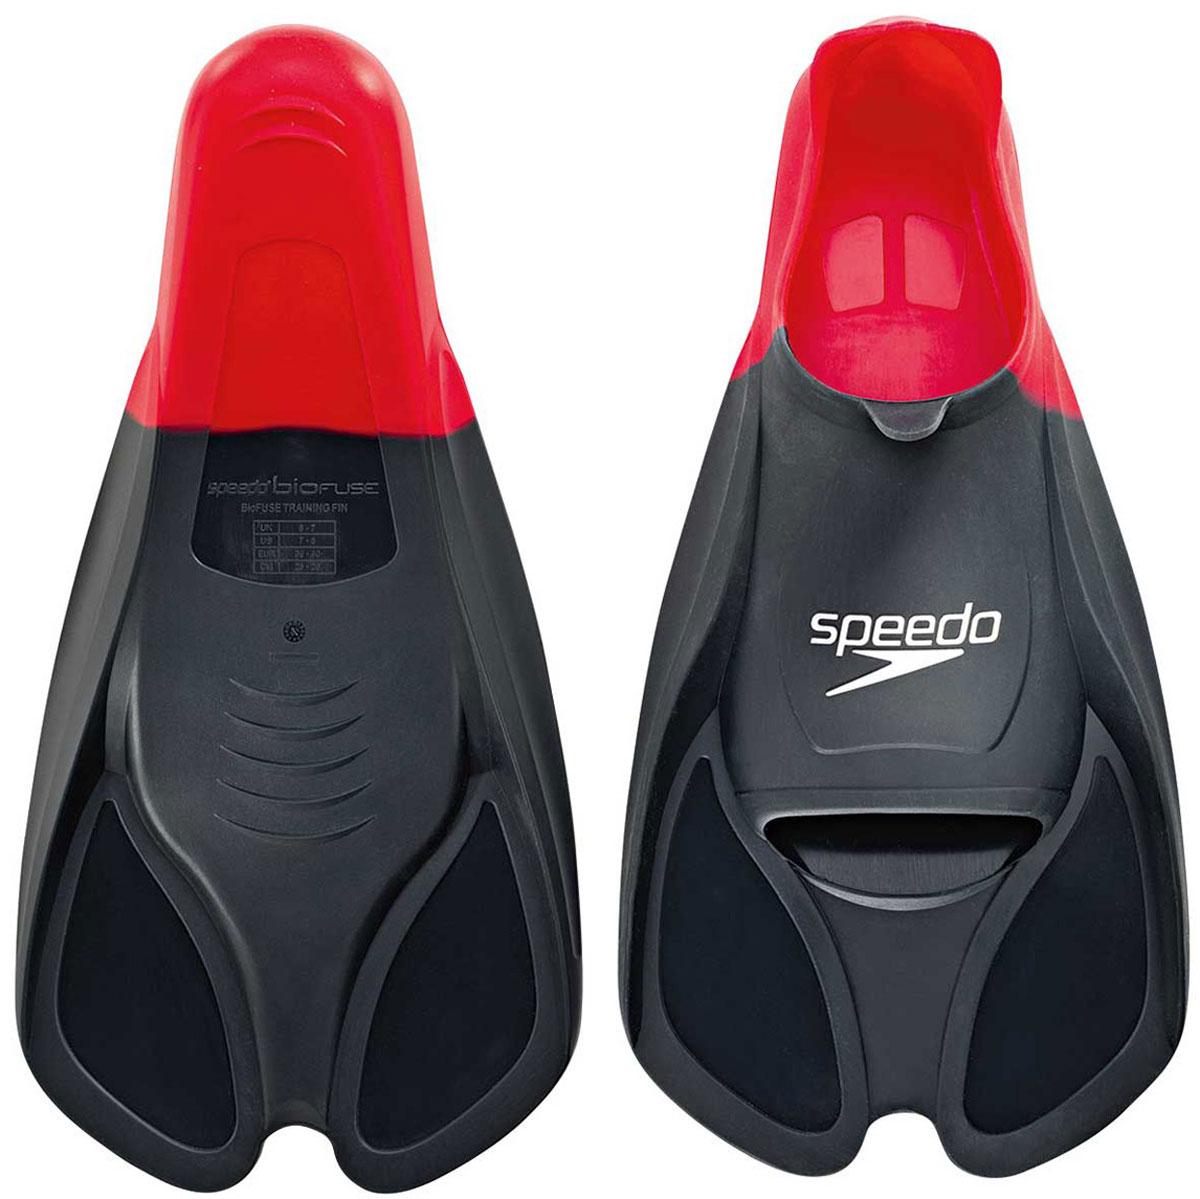 Ласты для плавания Speedo, цвет: красный. Размер 2-3. 8-0884139918-088413991_красный(2-3)Speedo Biofuse Training Fins являются незаменимым аксессуаром для тренировки силы ног, при создании которого использовалась технология SpeedoBiofuse®. Не случайно эти ласты для плавания предпочитает использовать многократный олимпийский чемпион Майкл Фелпс. Достаточно жесткие лопасти позволяют создать мощную тягу в воде при естественном темпе работы ног. Специальный узор на поверхности подошвы позволяет получить надежное сцепление с поверхностью бассейна. Форма башмака Speedo Biofuse Training Fin способствует развитию гибкости стопы, что позволяет сделать работу ног более эффективной. Башмак изготовлен из мягкого силикона, который не натирает кожу и прекрасно растягивается. Ласты для плавания Speedo Biofuse Tech Fin отлично подходят для тренировки работы ног в спринте, а также для повышения качества работы ног во время обучения плаванию. Специалисты Proswim.ru рекомендуют Speedo Biofuse Training Fin спортсменам-спринтерам, а также всем, кто имеет желание увеличить силу ног. Ласты для...